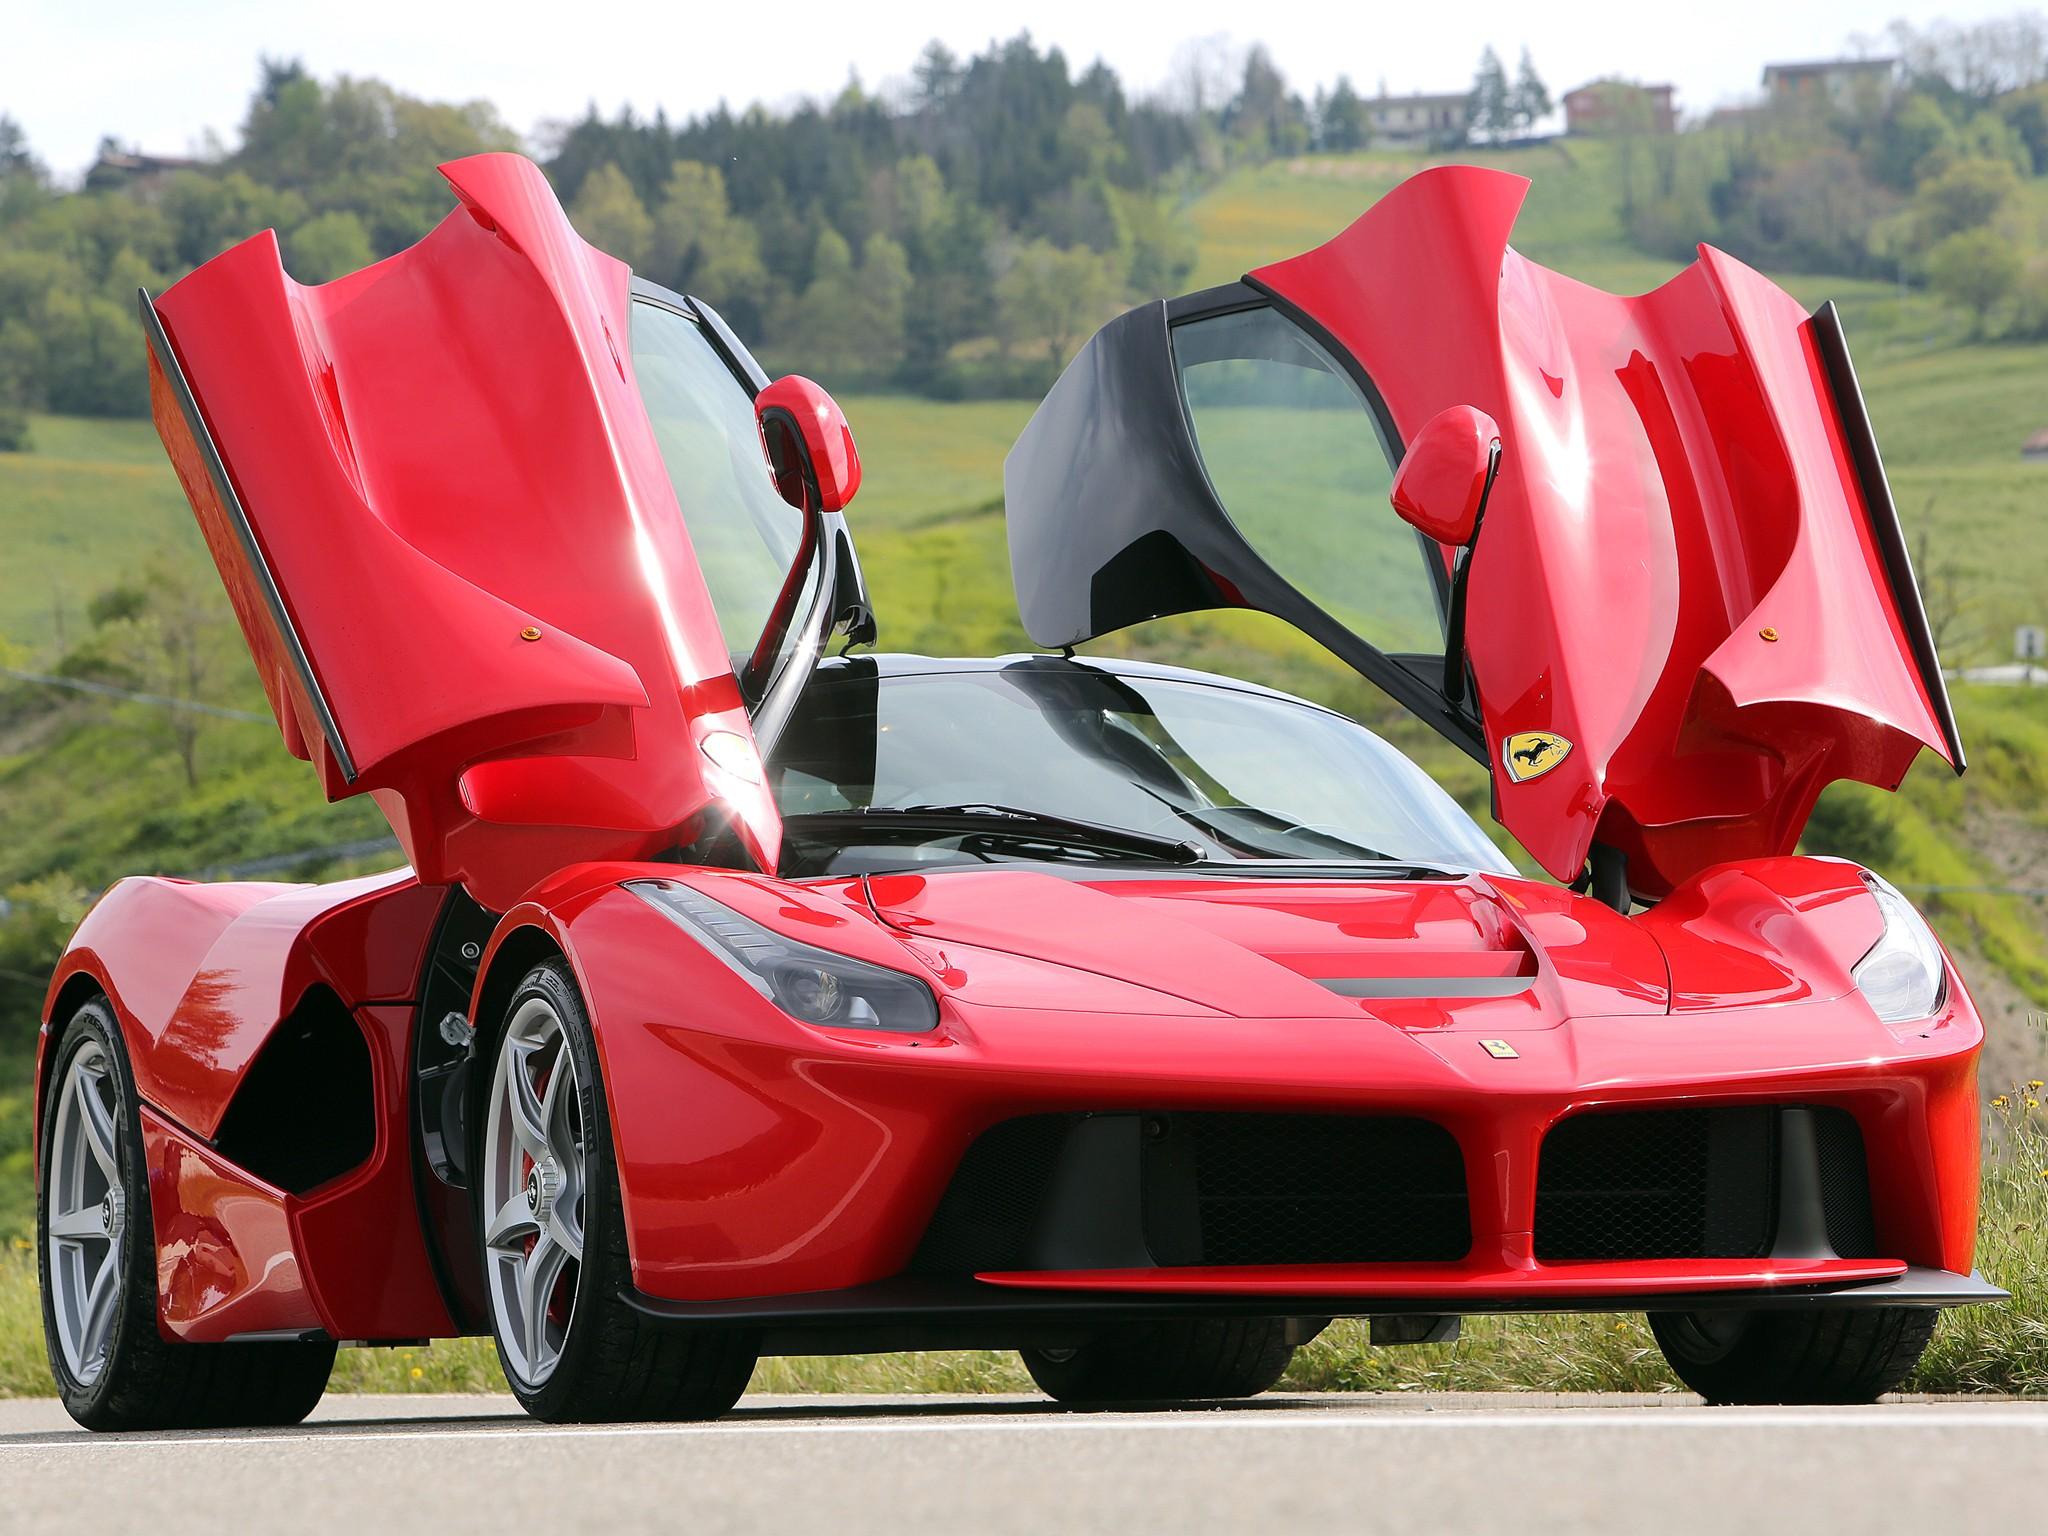 Ferrari Concept Cars >> FERRARI LaFerrari specs & photos - 2013, 2014, 2015 - autoevolution